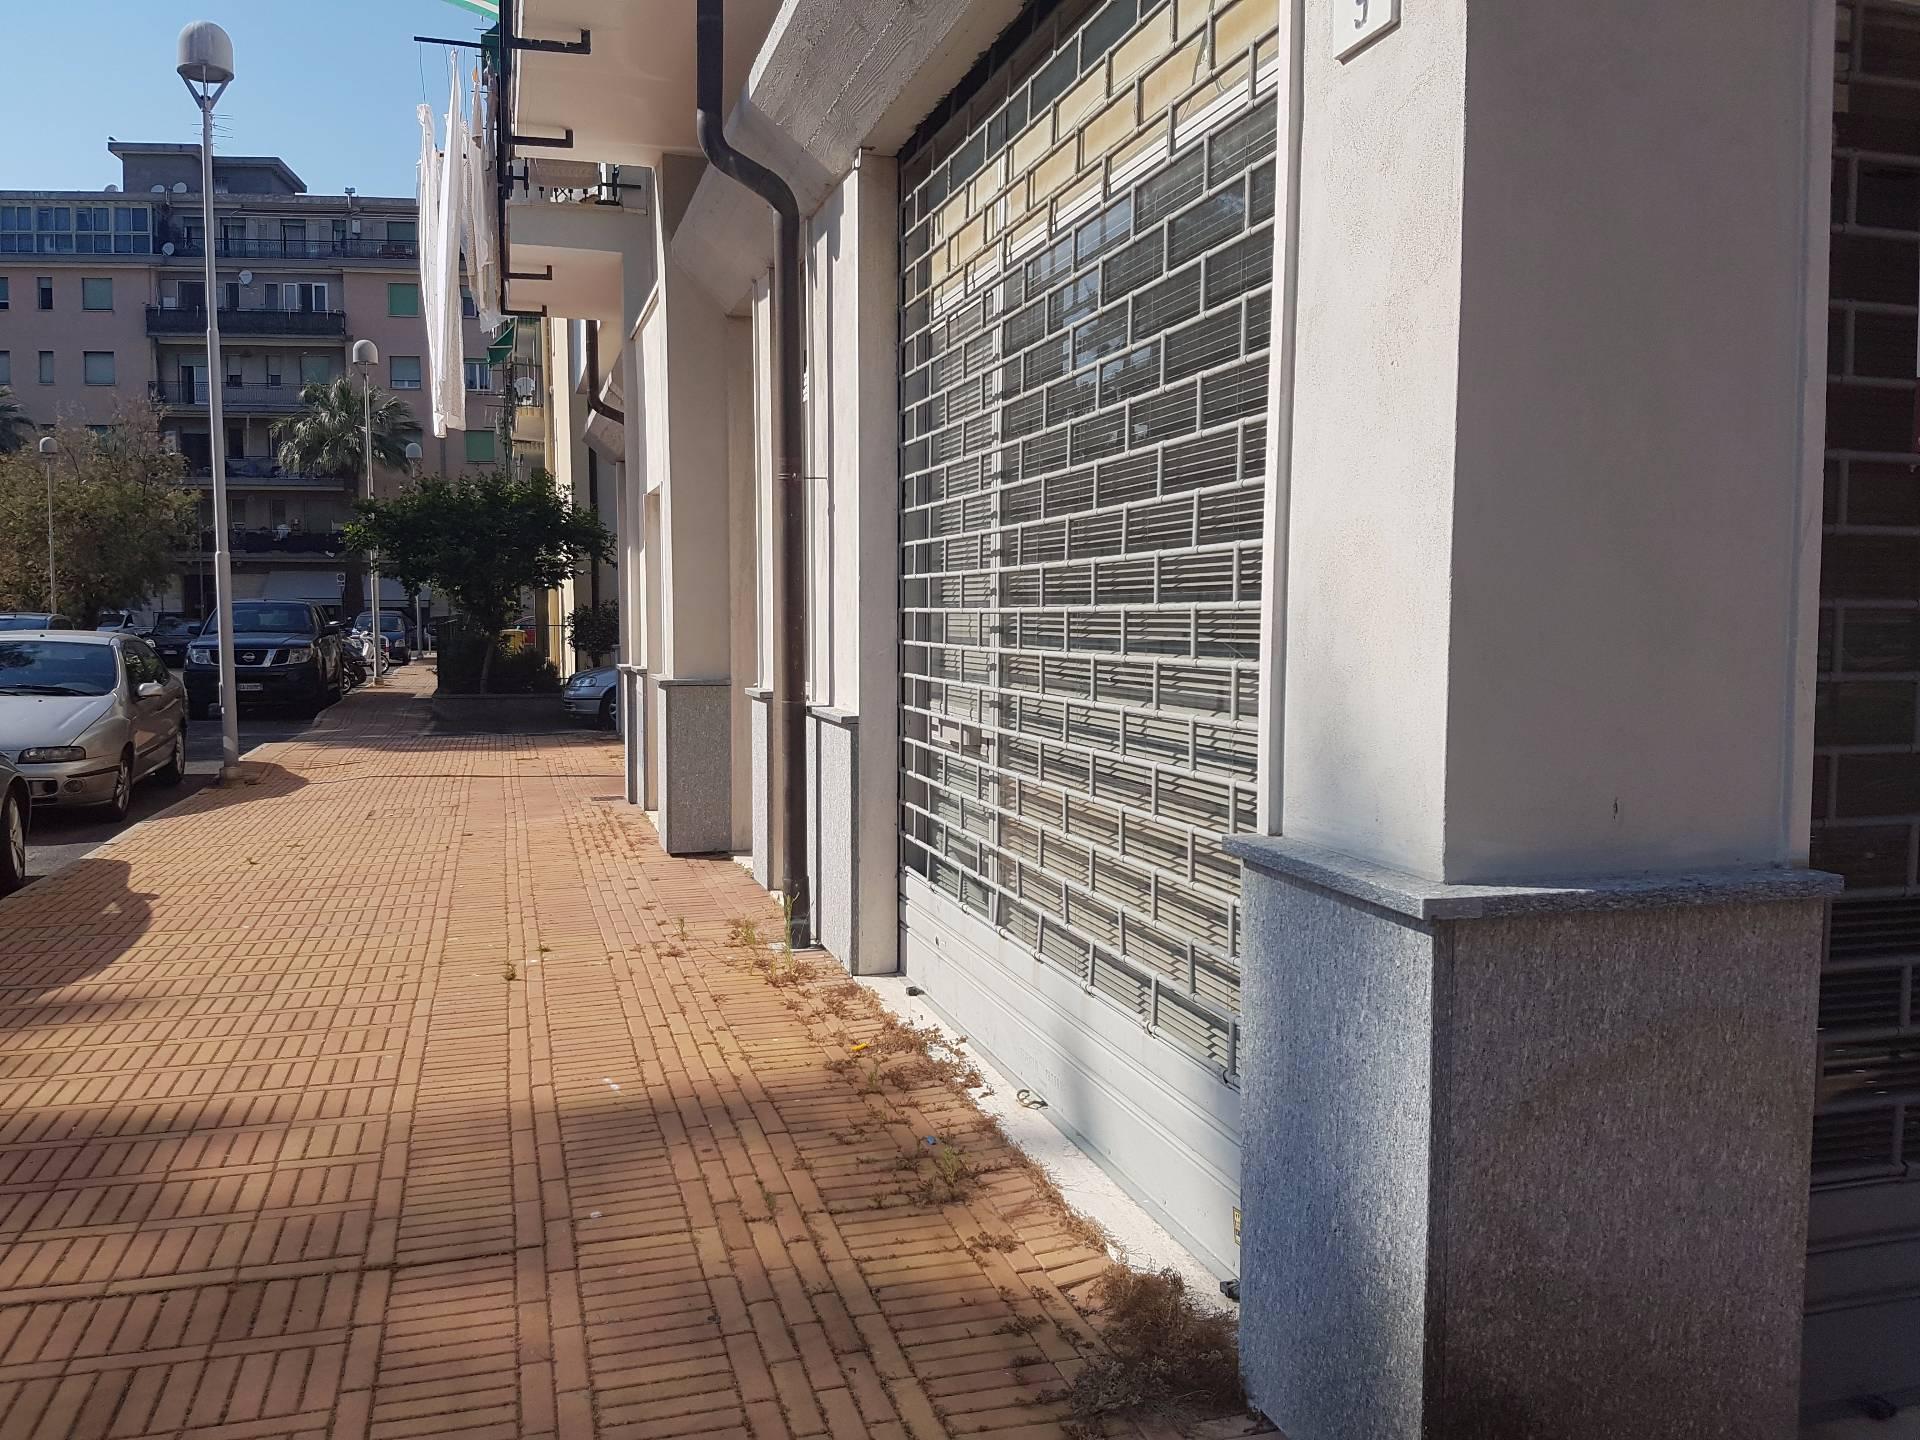 Negozio / Locale in vendita a Albenga, 9999 locali, prezzo € 200.000 | CambioCasa.it